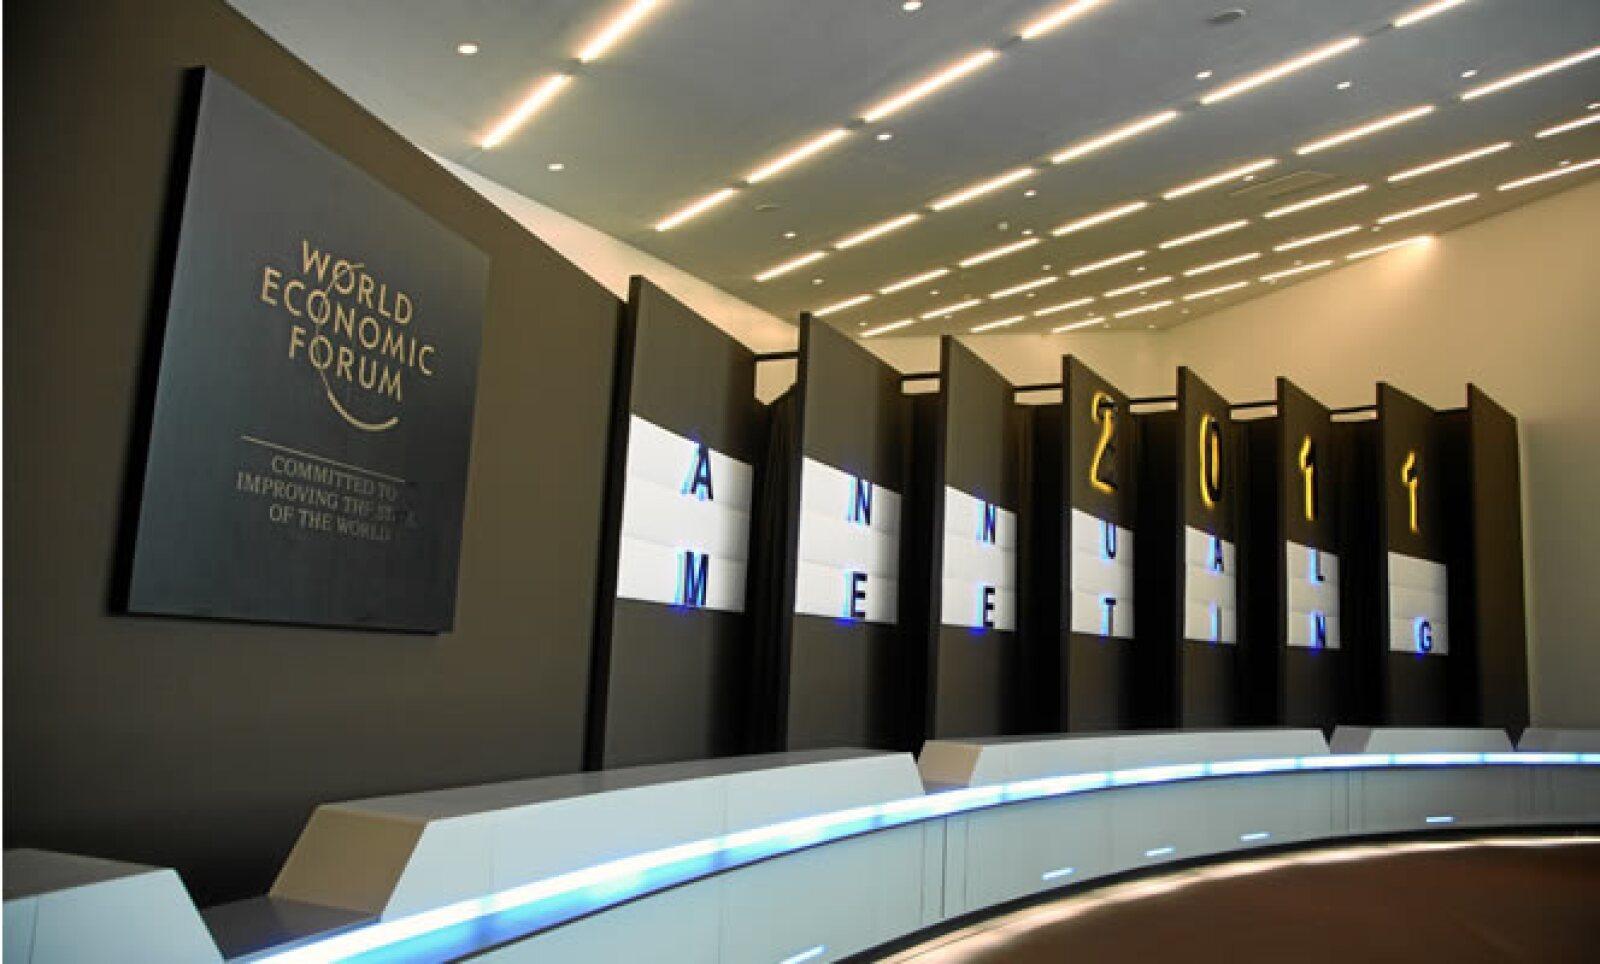 Los líderes en economía del mundo arriban al Foro Económico Mundial 2011, para saber cómo irá la recuperación.